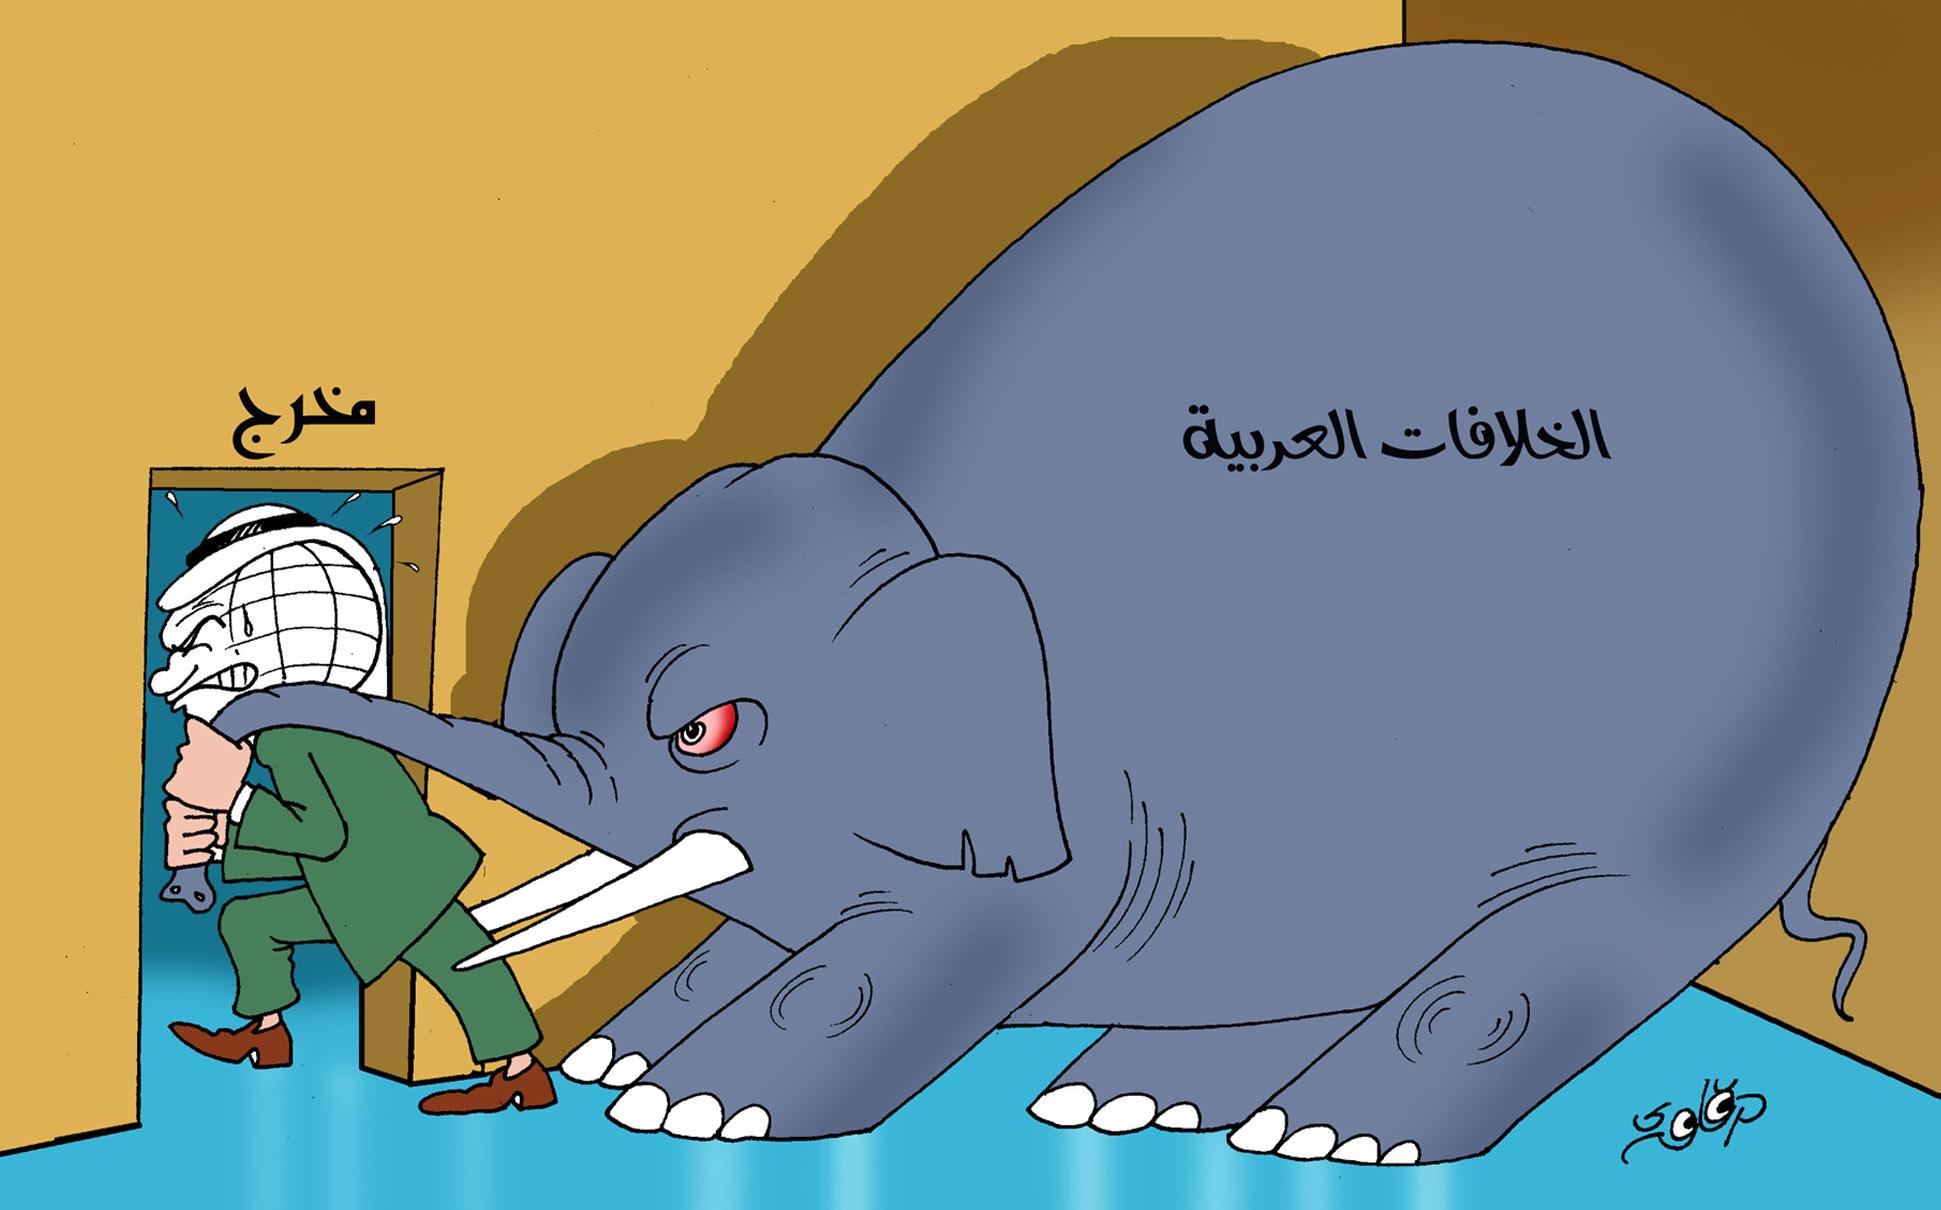 الخلافات العربية